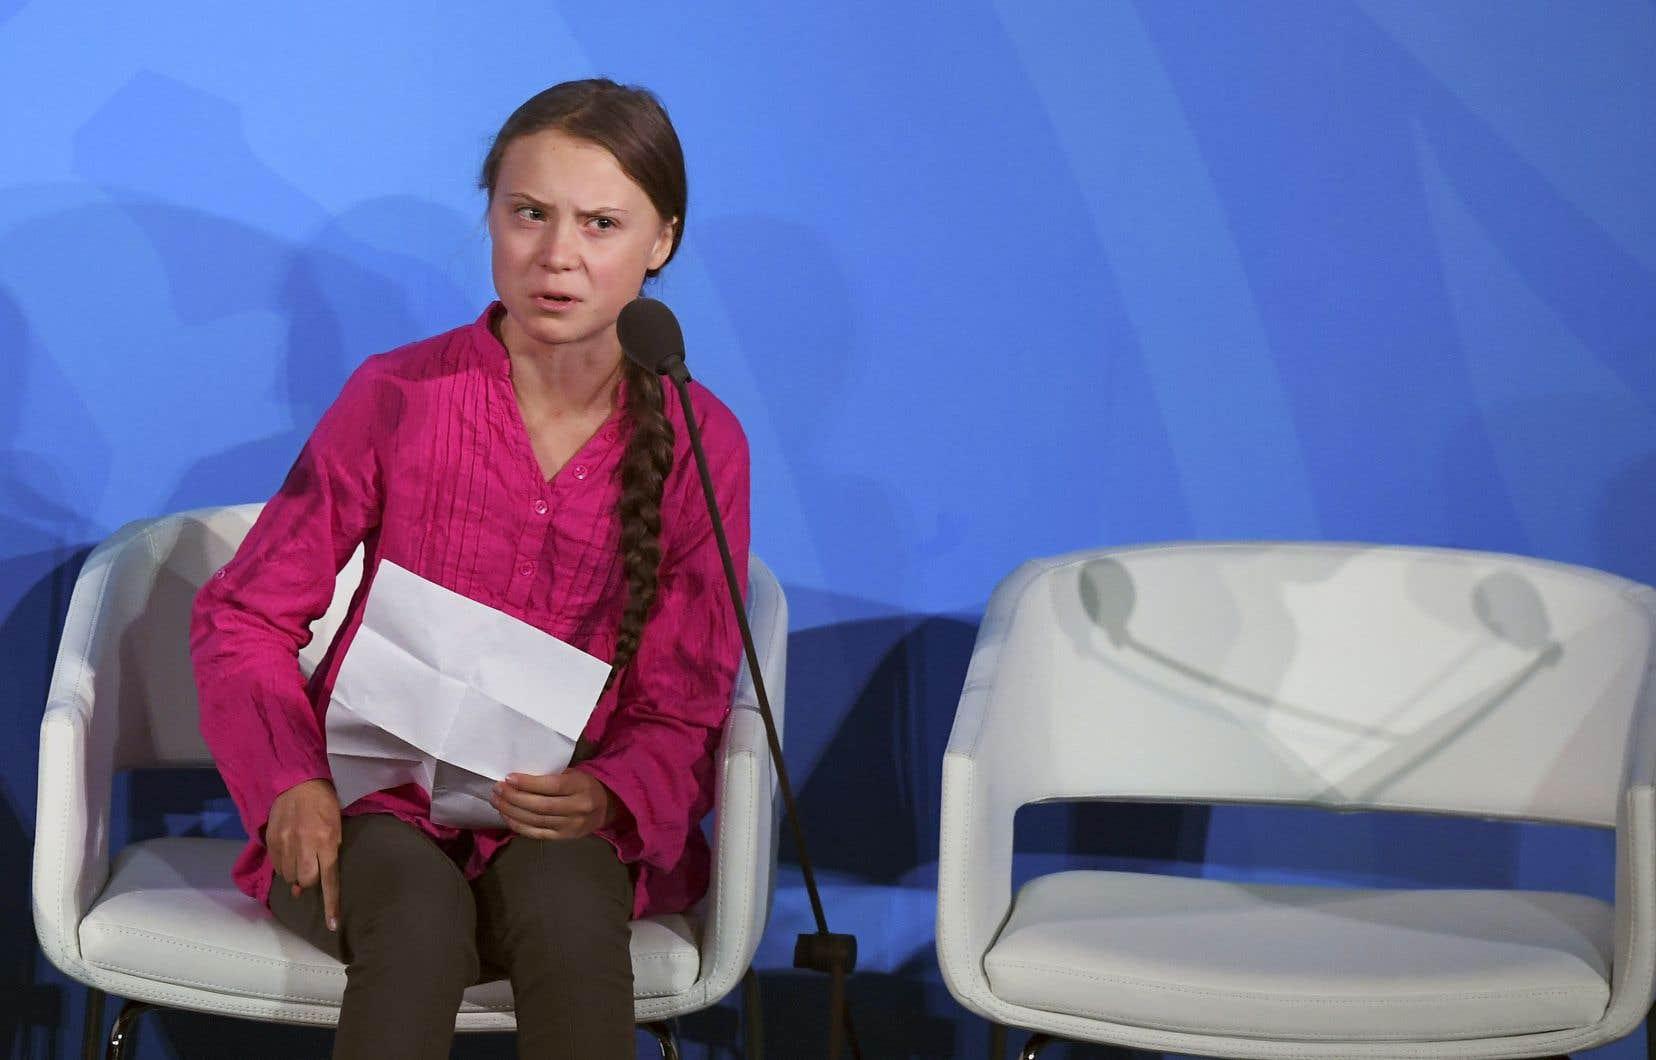 Greta Thunberg s'est adressée aux dirigeants du monde dans un discours à l'ONU. «Si vous choisissez de nous trahir, nous ne vous pardonnerons jamais», a notamment prévenu la jeune égérie du climat.